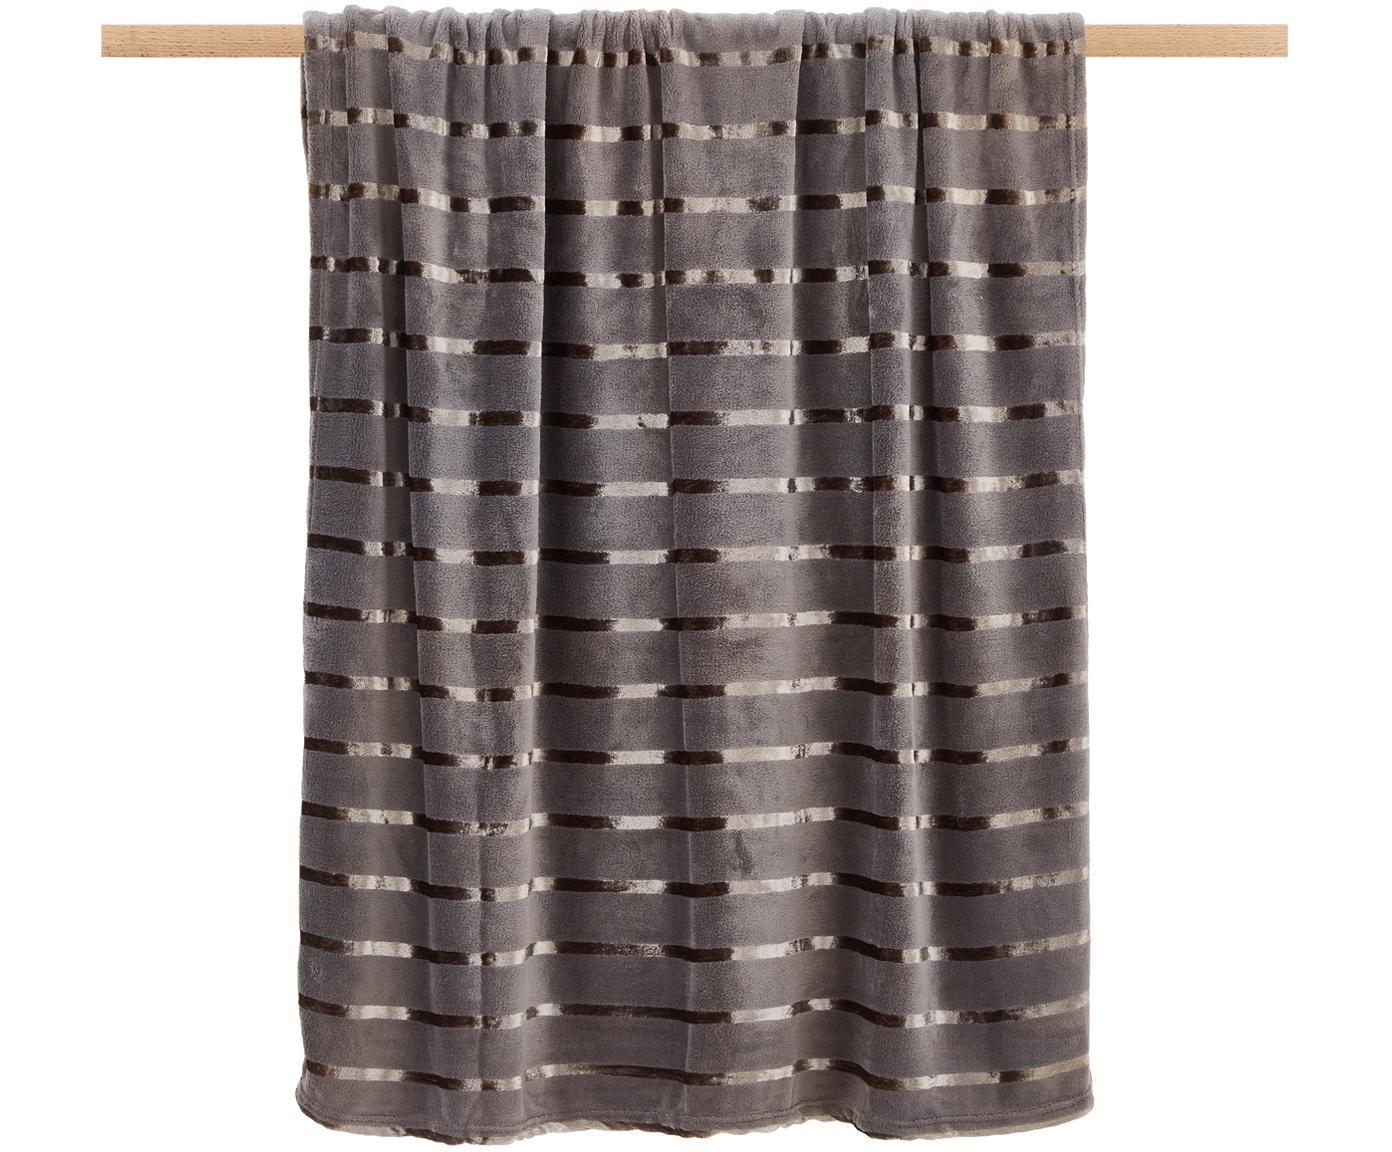 Weiches Fleece-Plaid Clyde mit schimmernden Streifen, 100% Polyester, Anthrazit, 130 x 160 cm